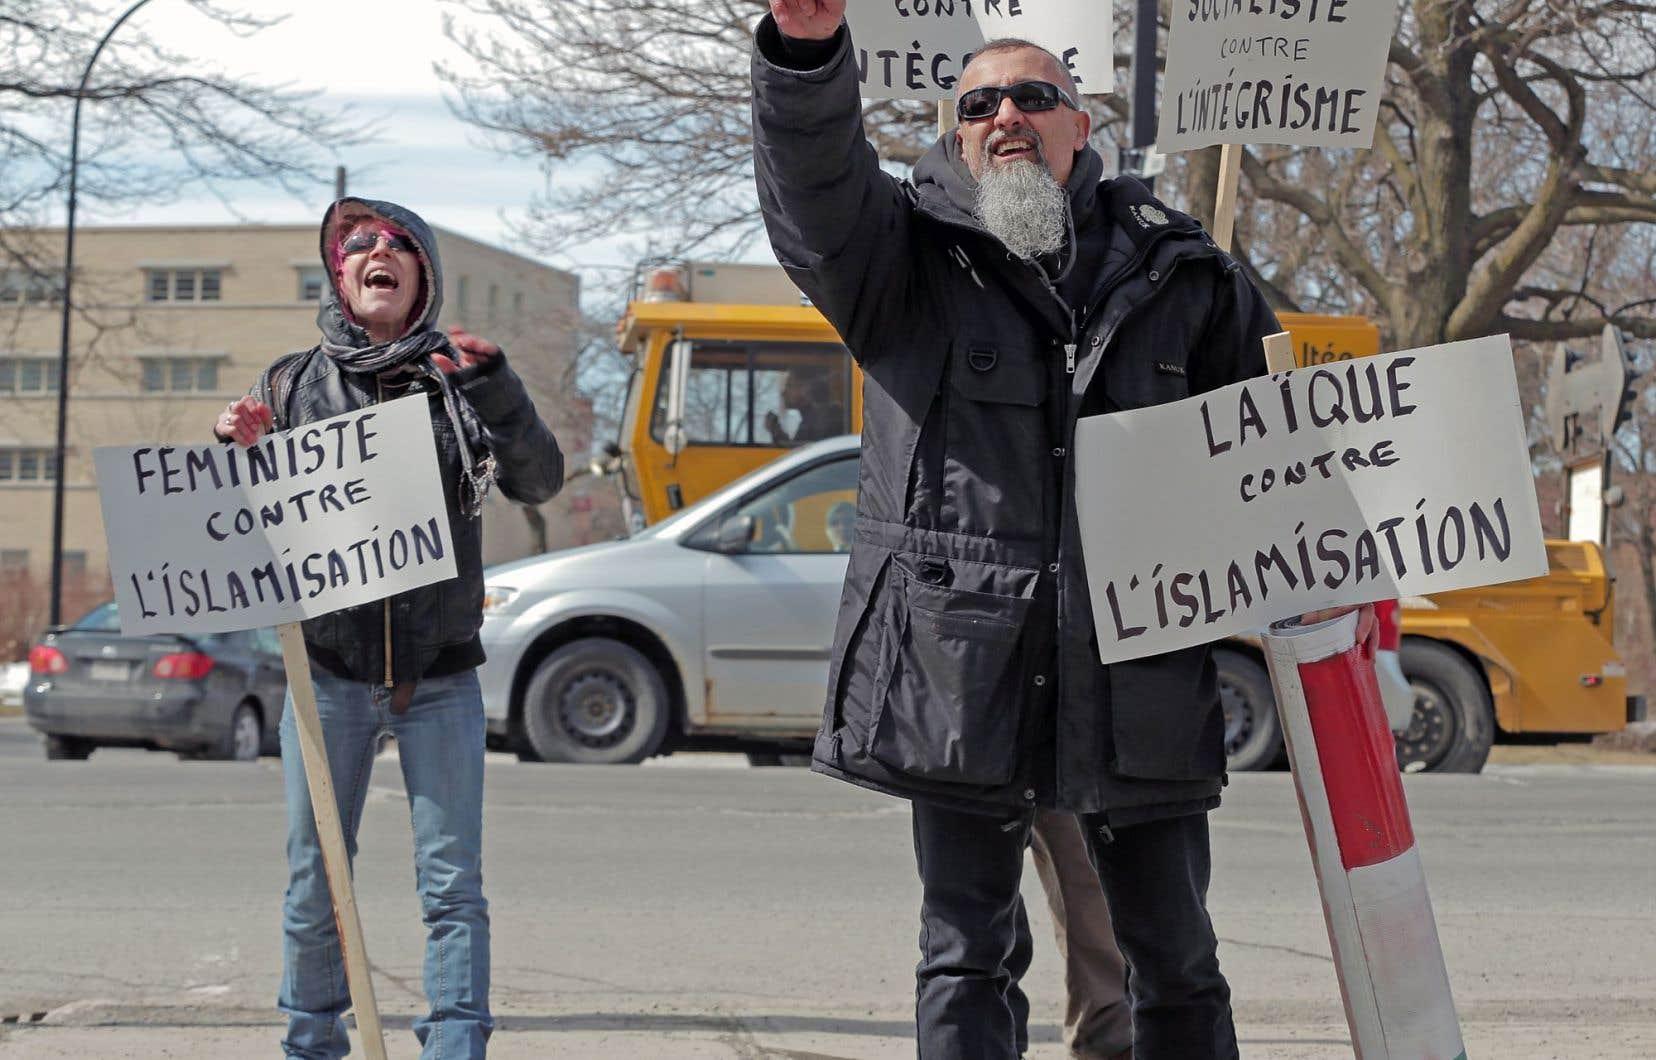 Les manifestants contre l'islamisation ont échangé quelques slogans et insultes avec les contre-manifestants issus de groupes de gauche.